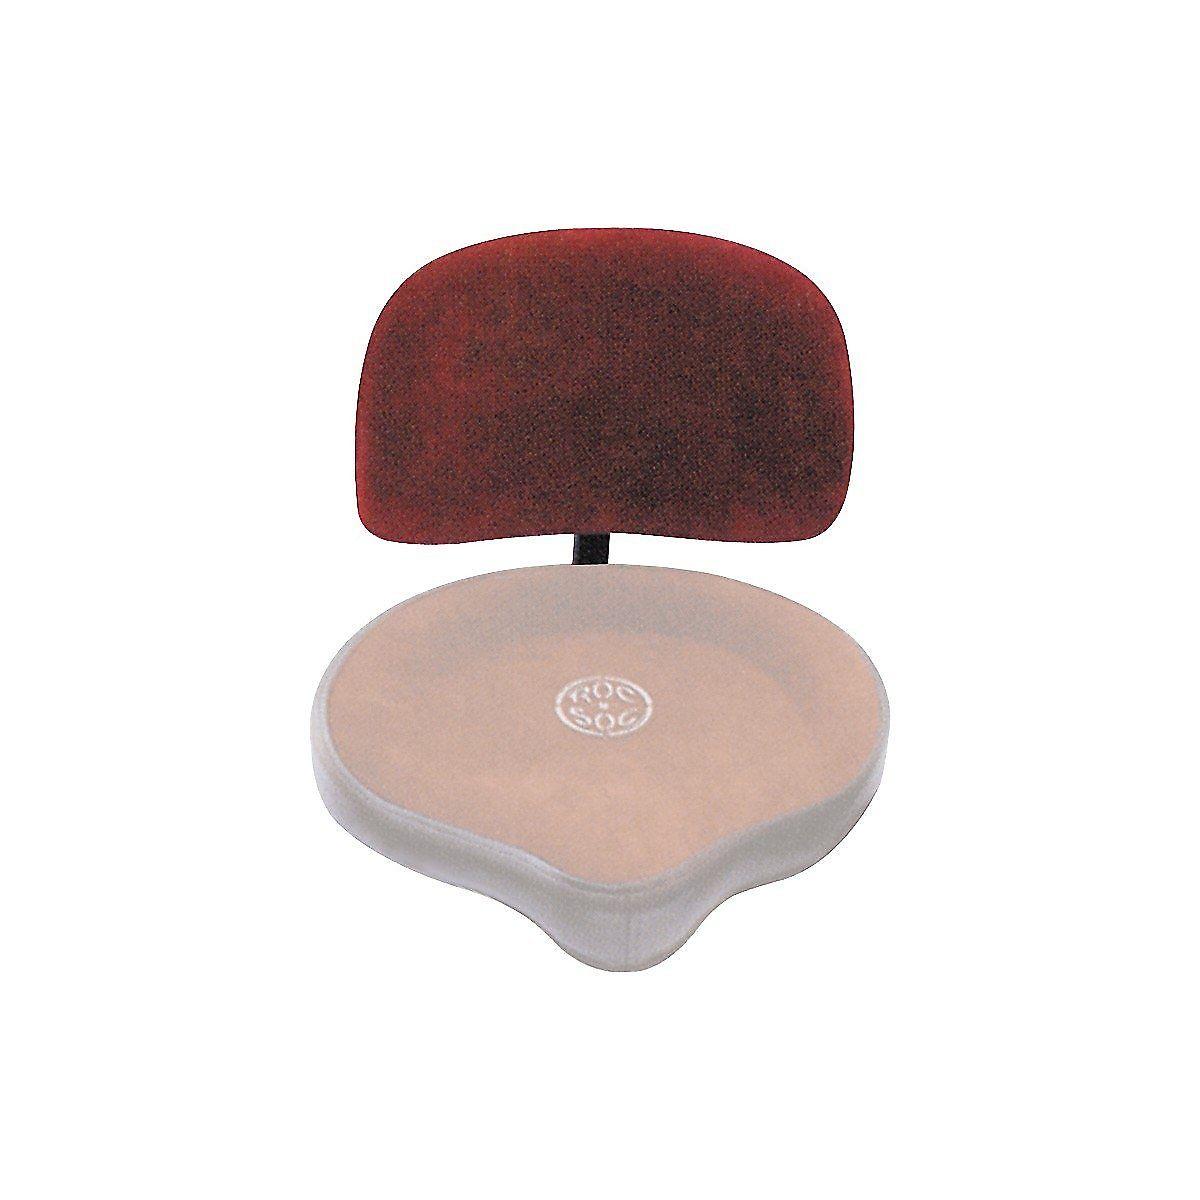 roc n soc wb k drum throne backrest reverb. Black Bedroom Furniture Sets. Home Design Ideas